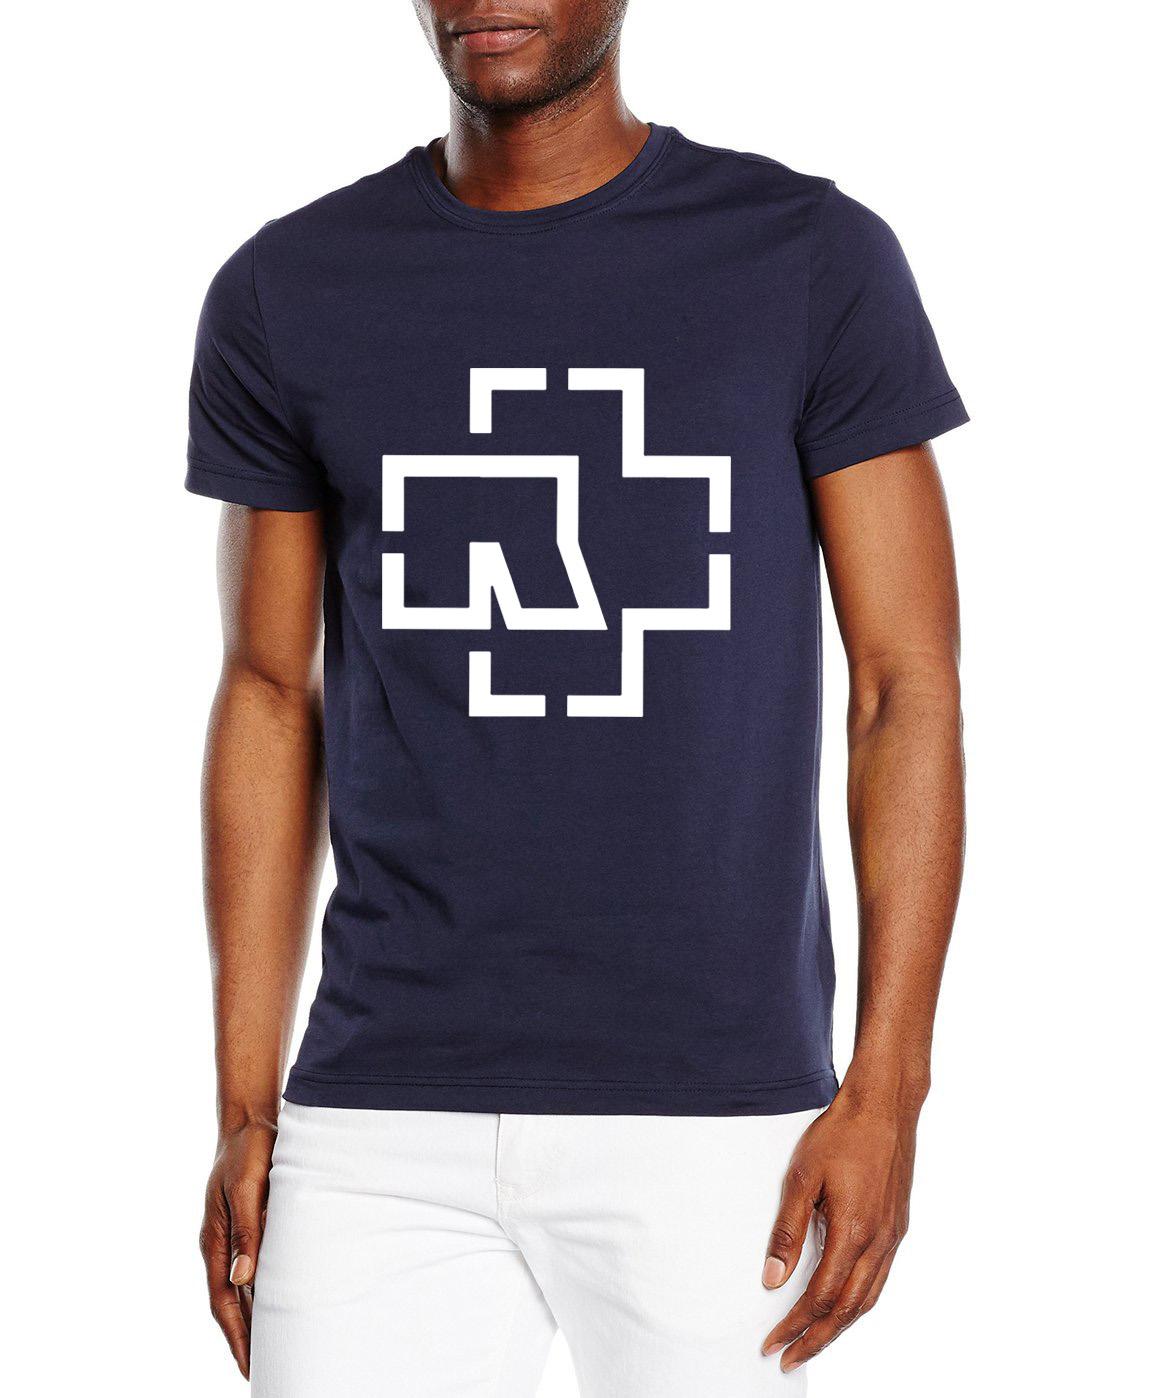 Bodybuilding t shirts achetez des lots petit prix for La fitness t shirt